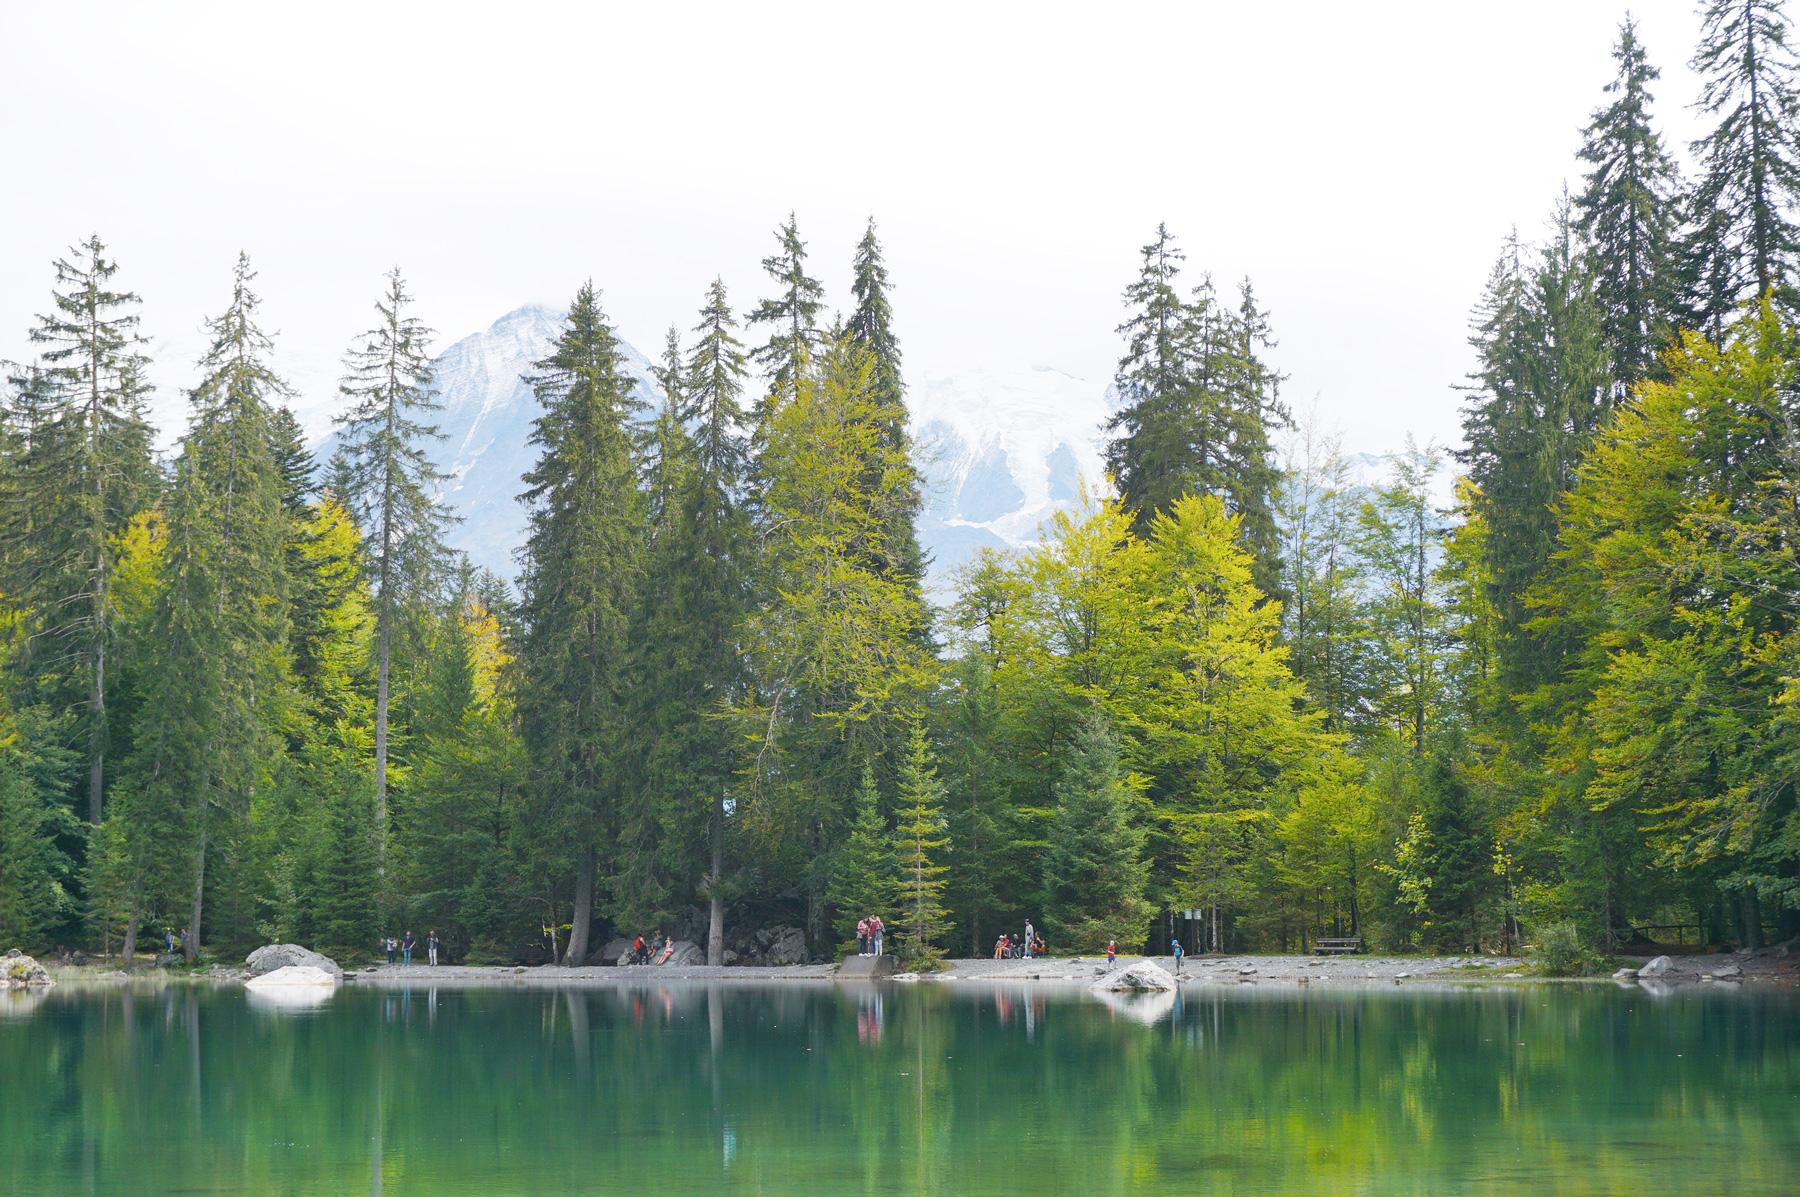 Un week-end en famille à Chamonix - Le lac vert à Passy